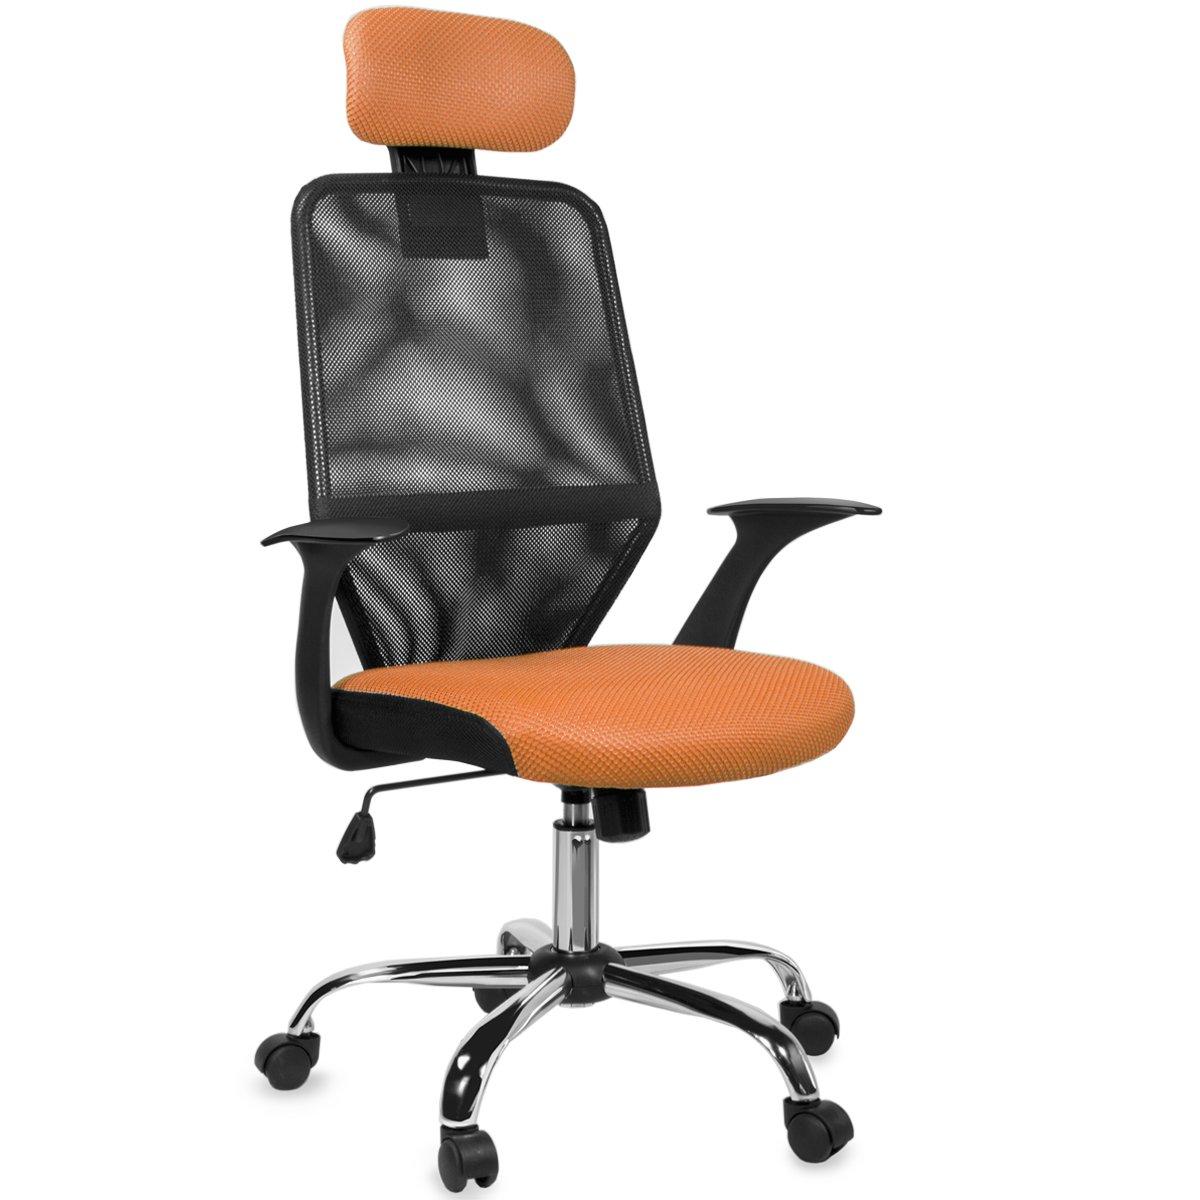 Barton malla para silla de oficina w/reposacabezas: Amazon.es: Oficina y papelería